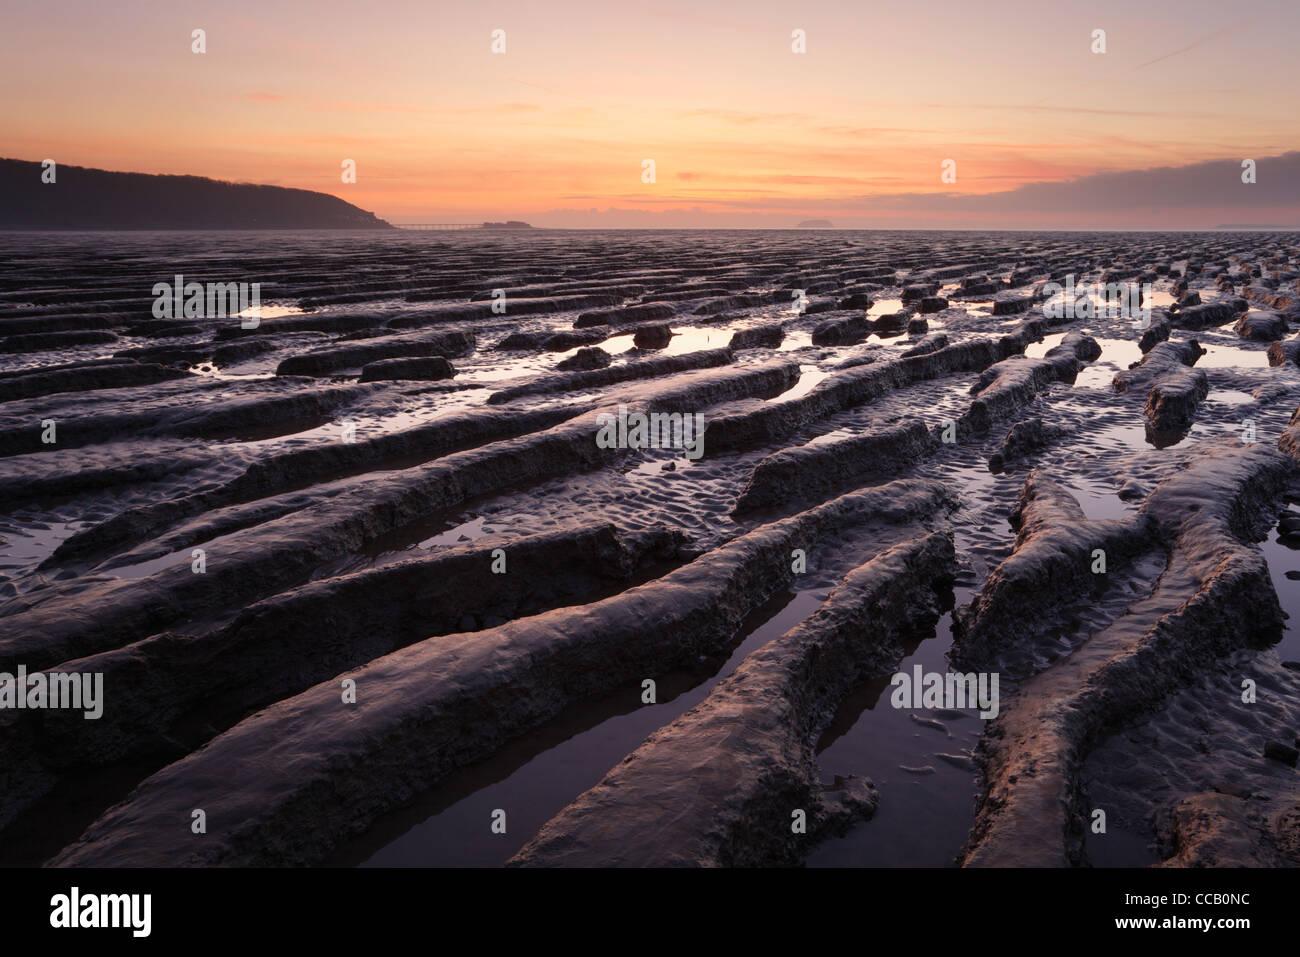 Les vasières au Sand Bay avec Birnbeck Pier dans la distance. Weston-super-Mare. Le Somerset. L'Angleterre. Photo Stock